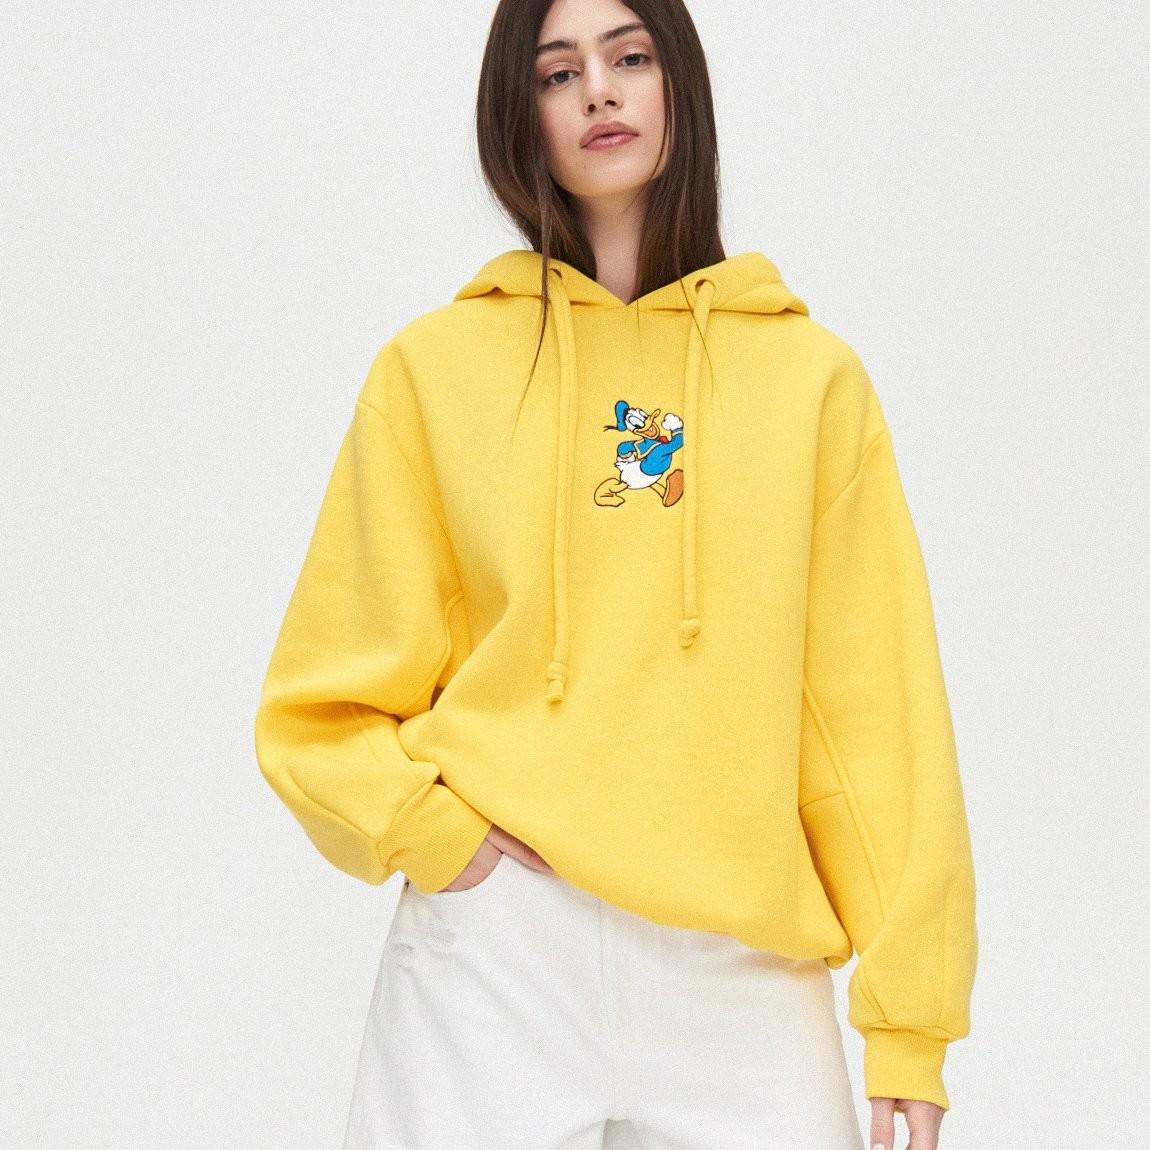 Cropp Cropp - Bluza z Kaczorem Donaldem - Żółty